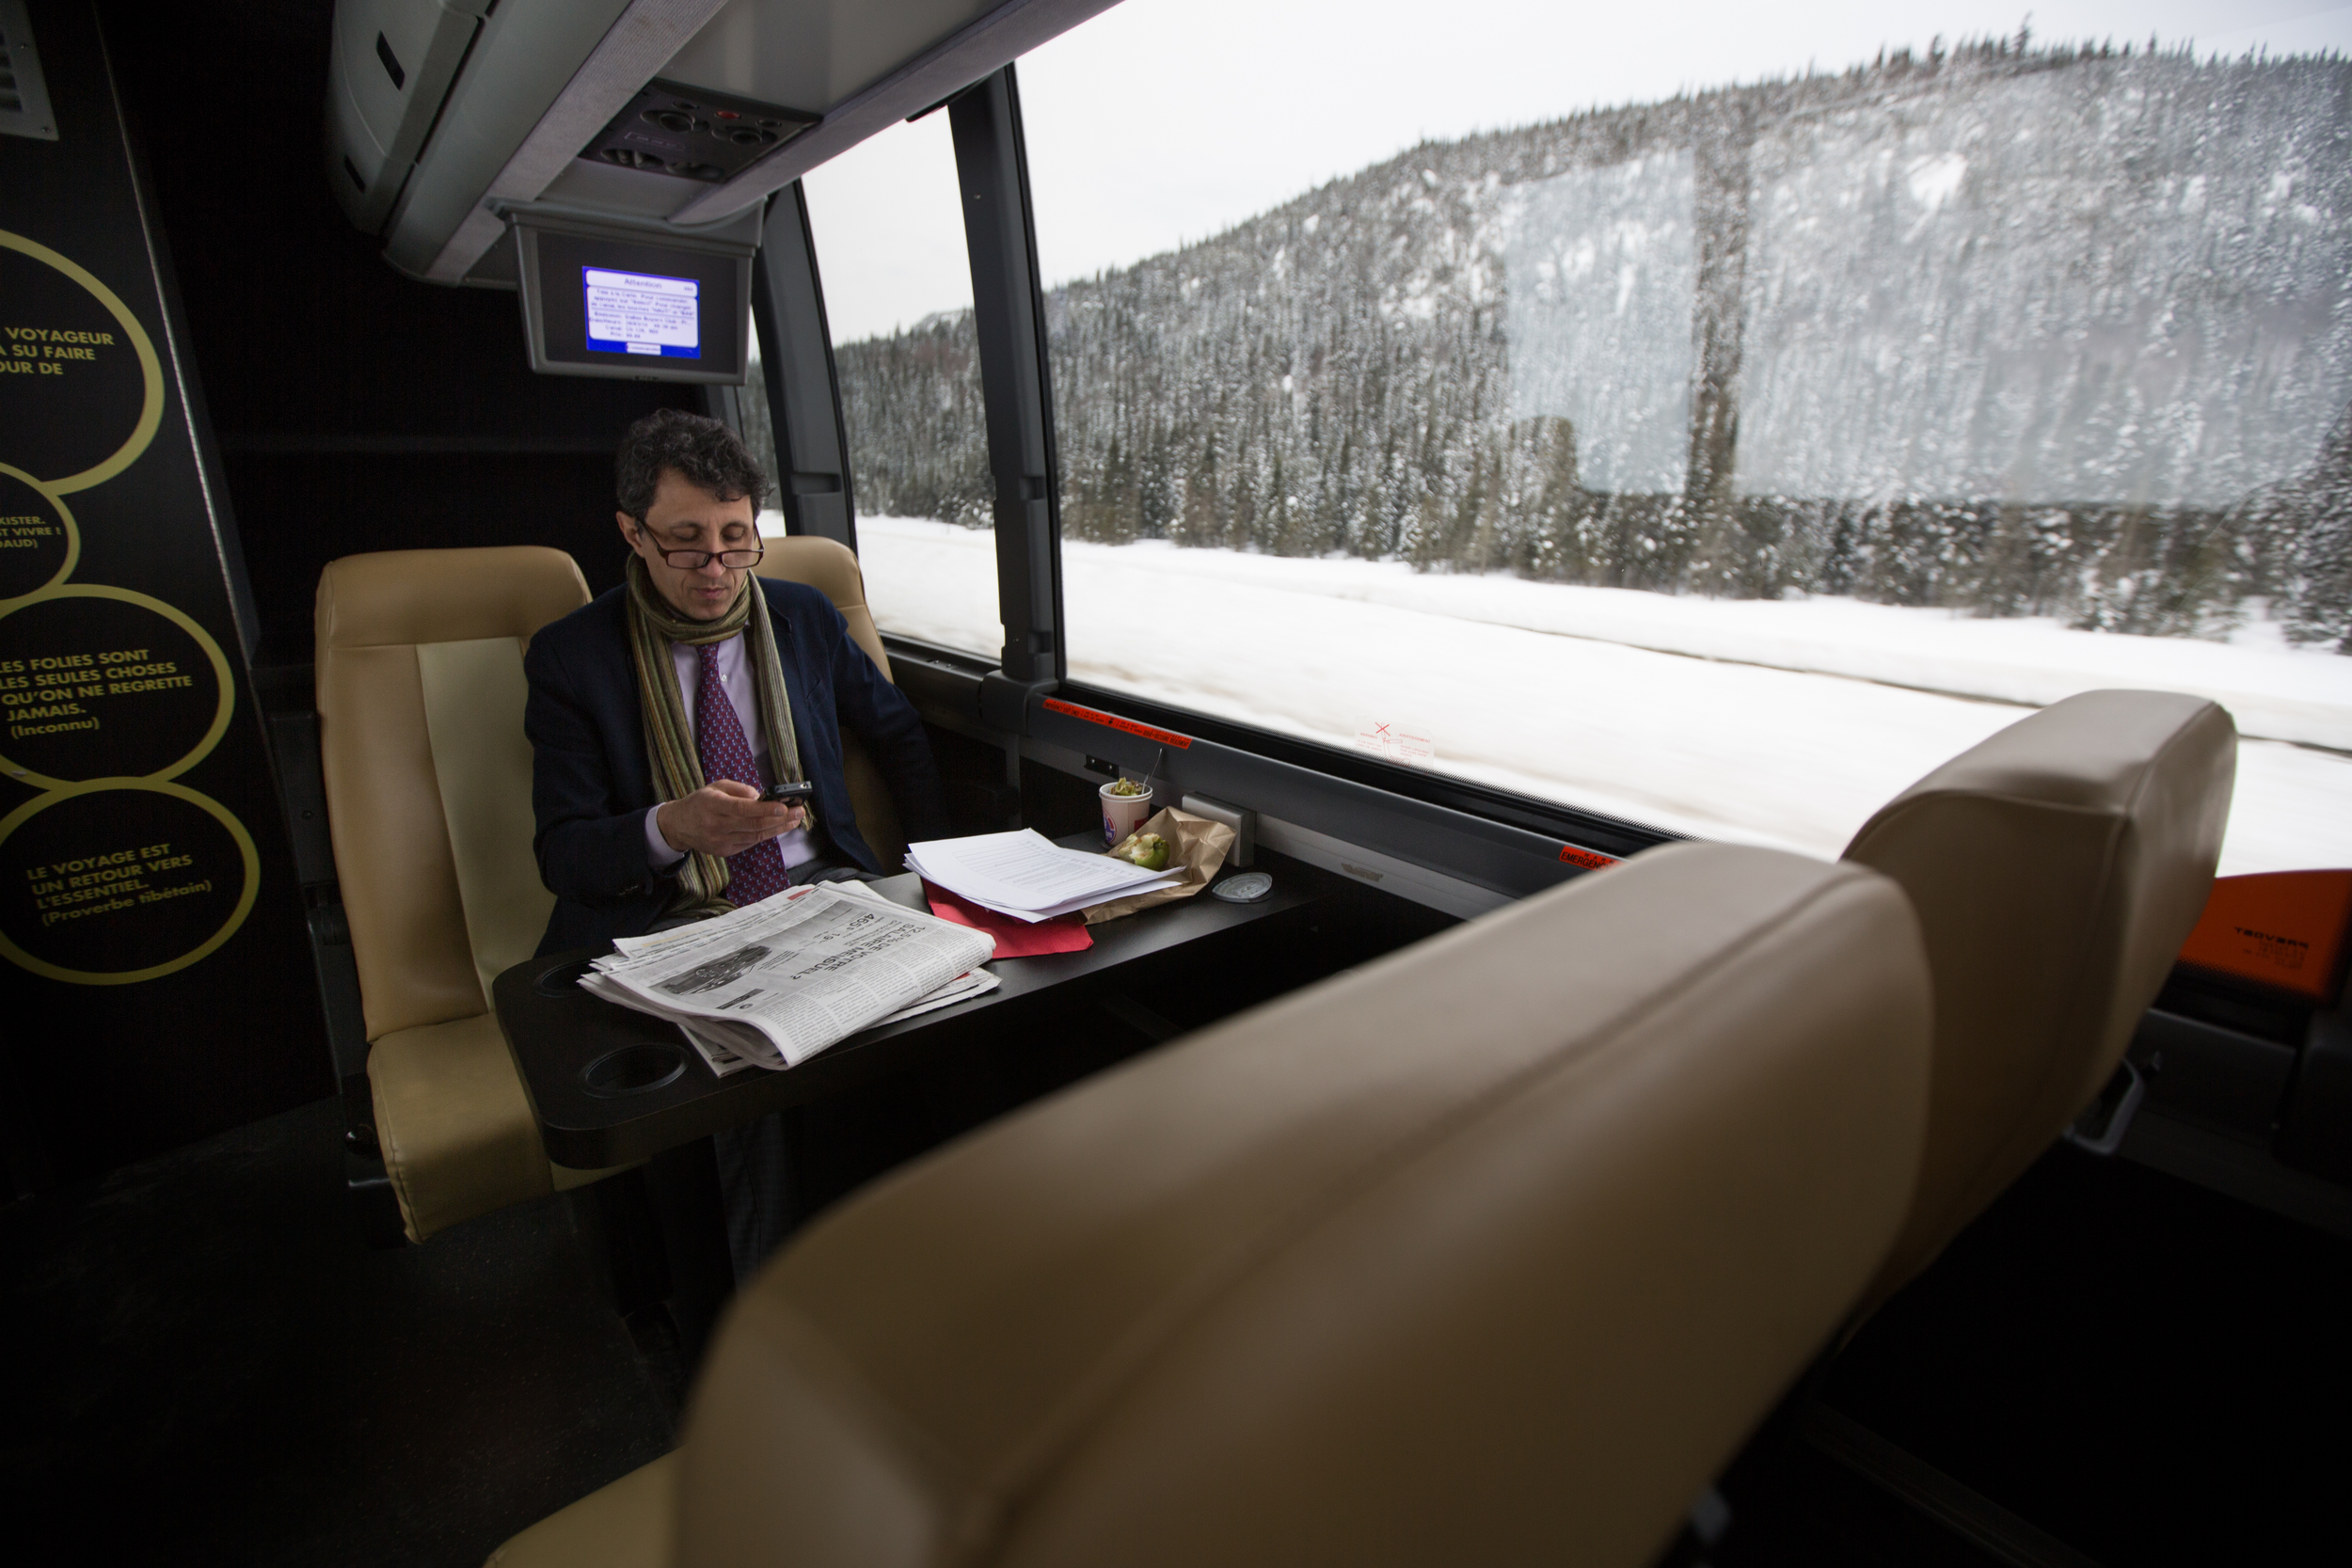 Amir Khadir travaille à bord de l'autobus de campagne entre deux destinations, dans la région du Saguenay et Lac-St-Jean.